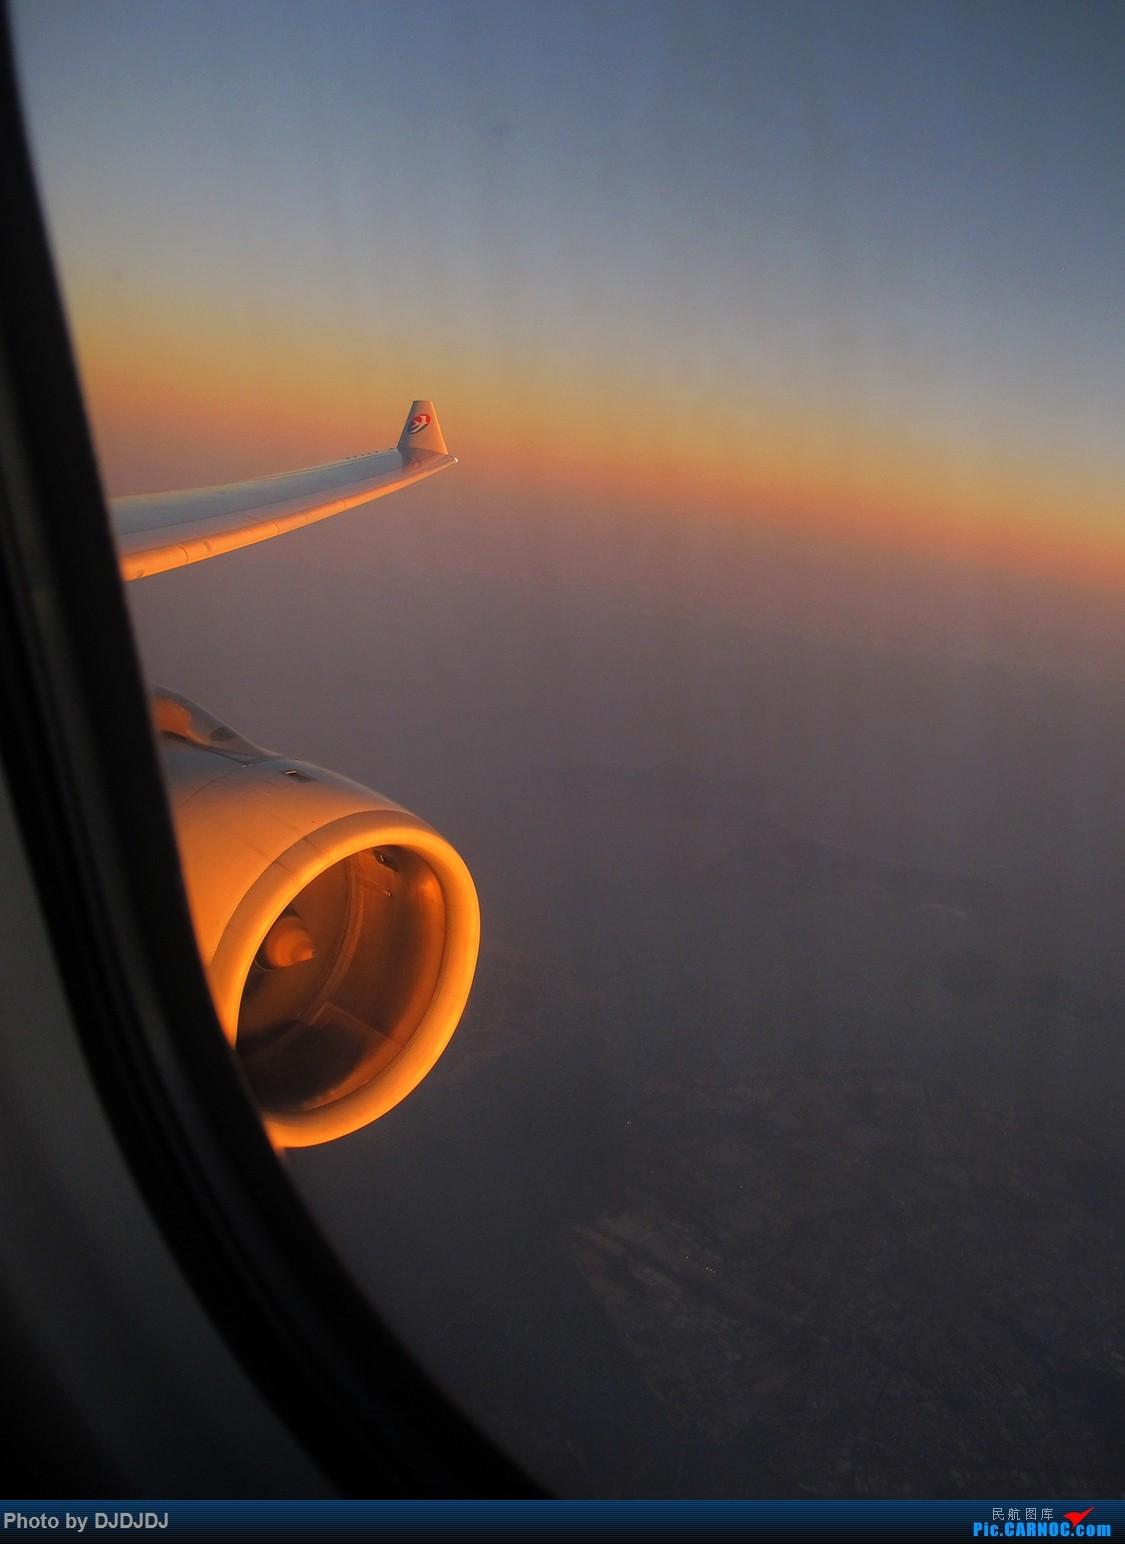 【BLDDQ】才个地方,说出两个岛名,前五名每人十架小飞机,哈哈